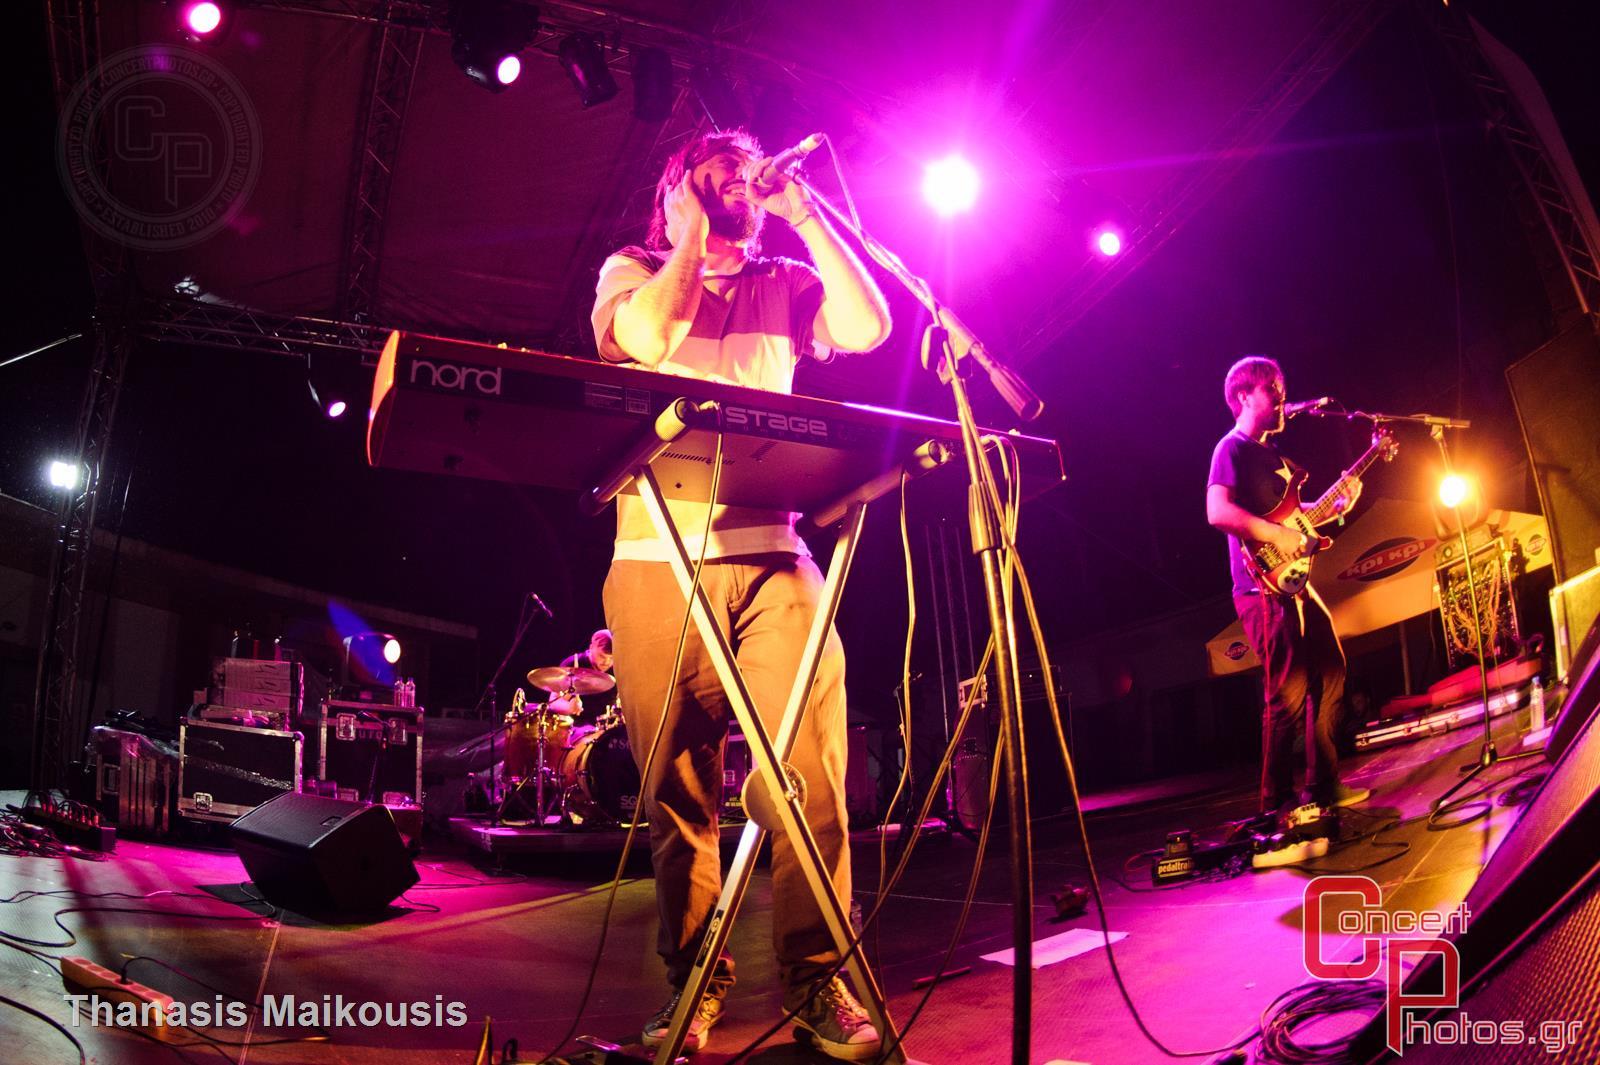 En Lefko 2014-En Lefko 2014 photographer: Thanasis Maikousis - concertphotos_20140620_22_15_31